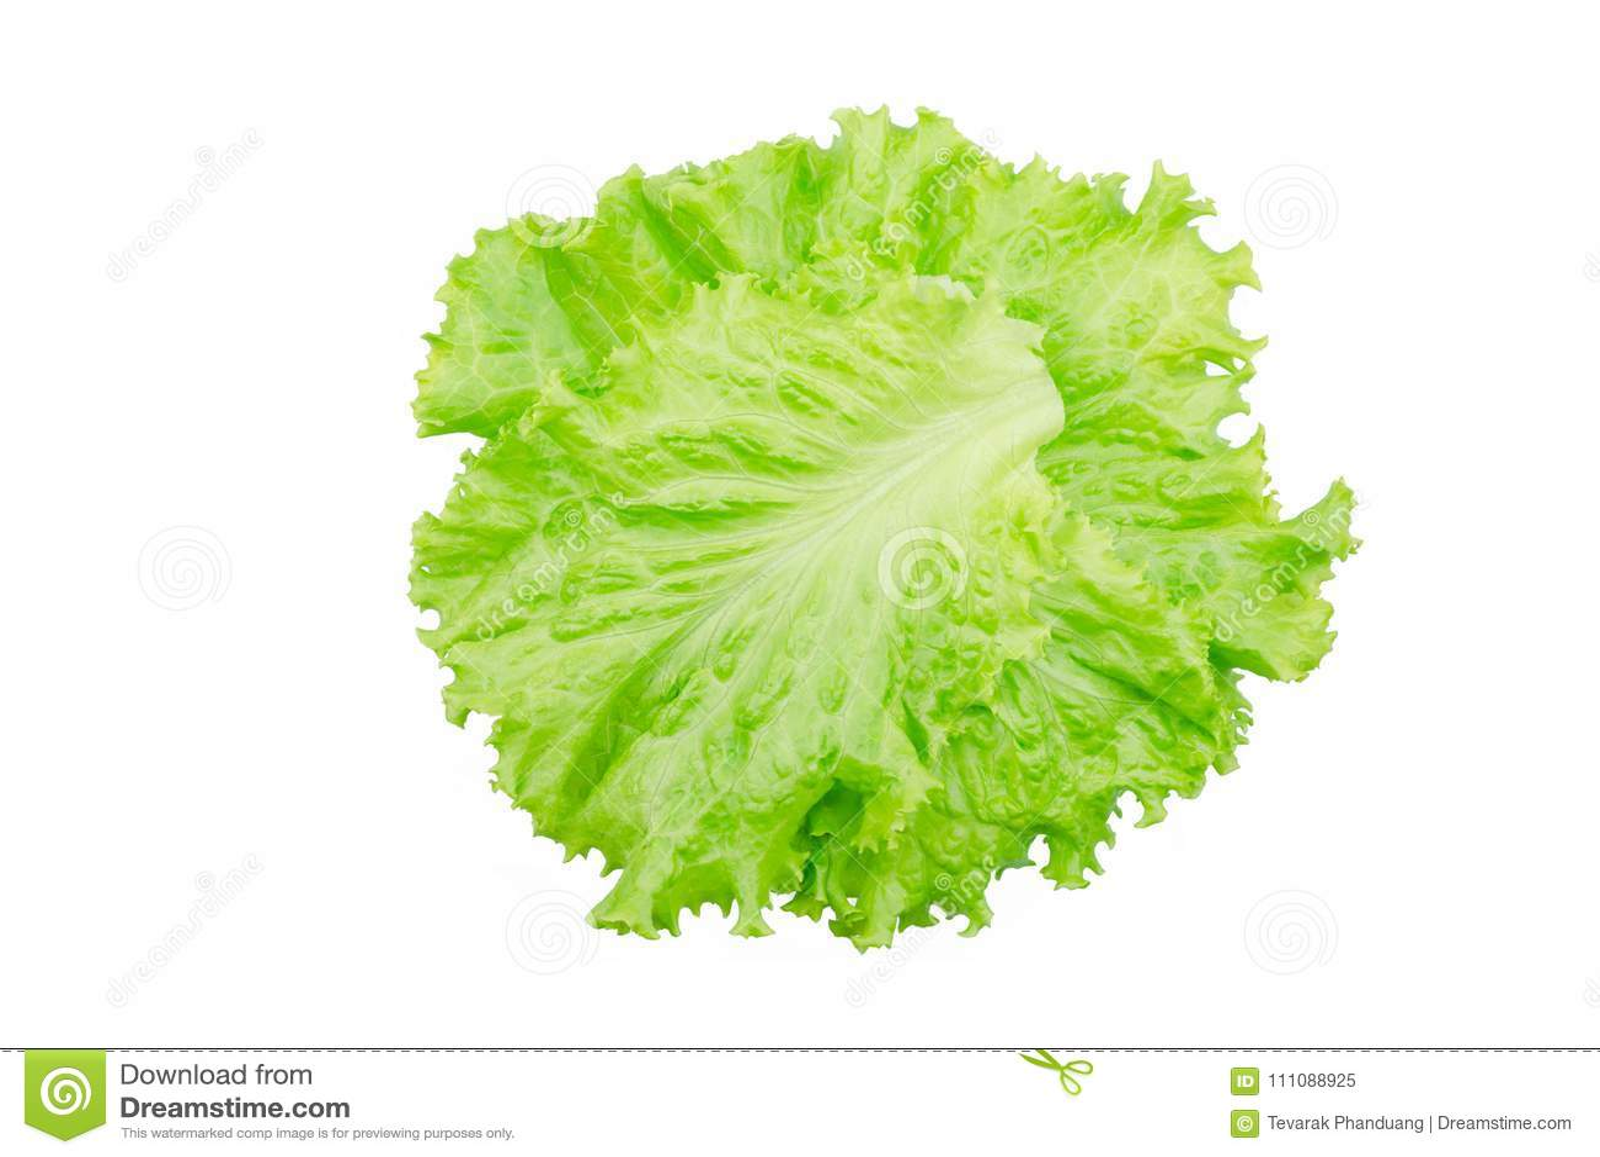 Hoja de la ensalada Lechuga aislada en el fondo blanco